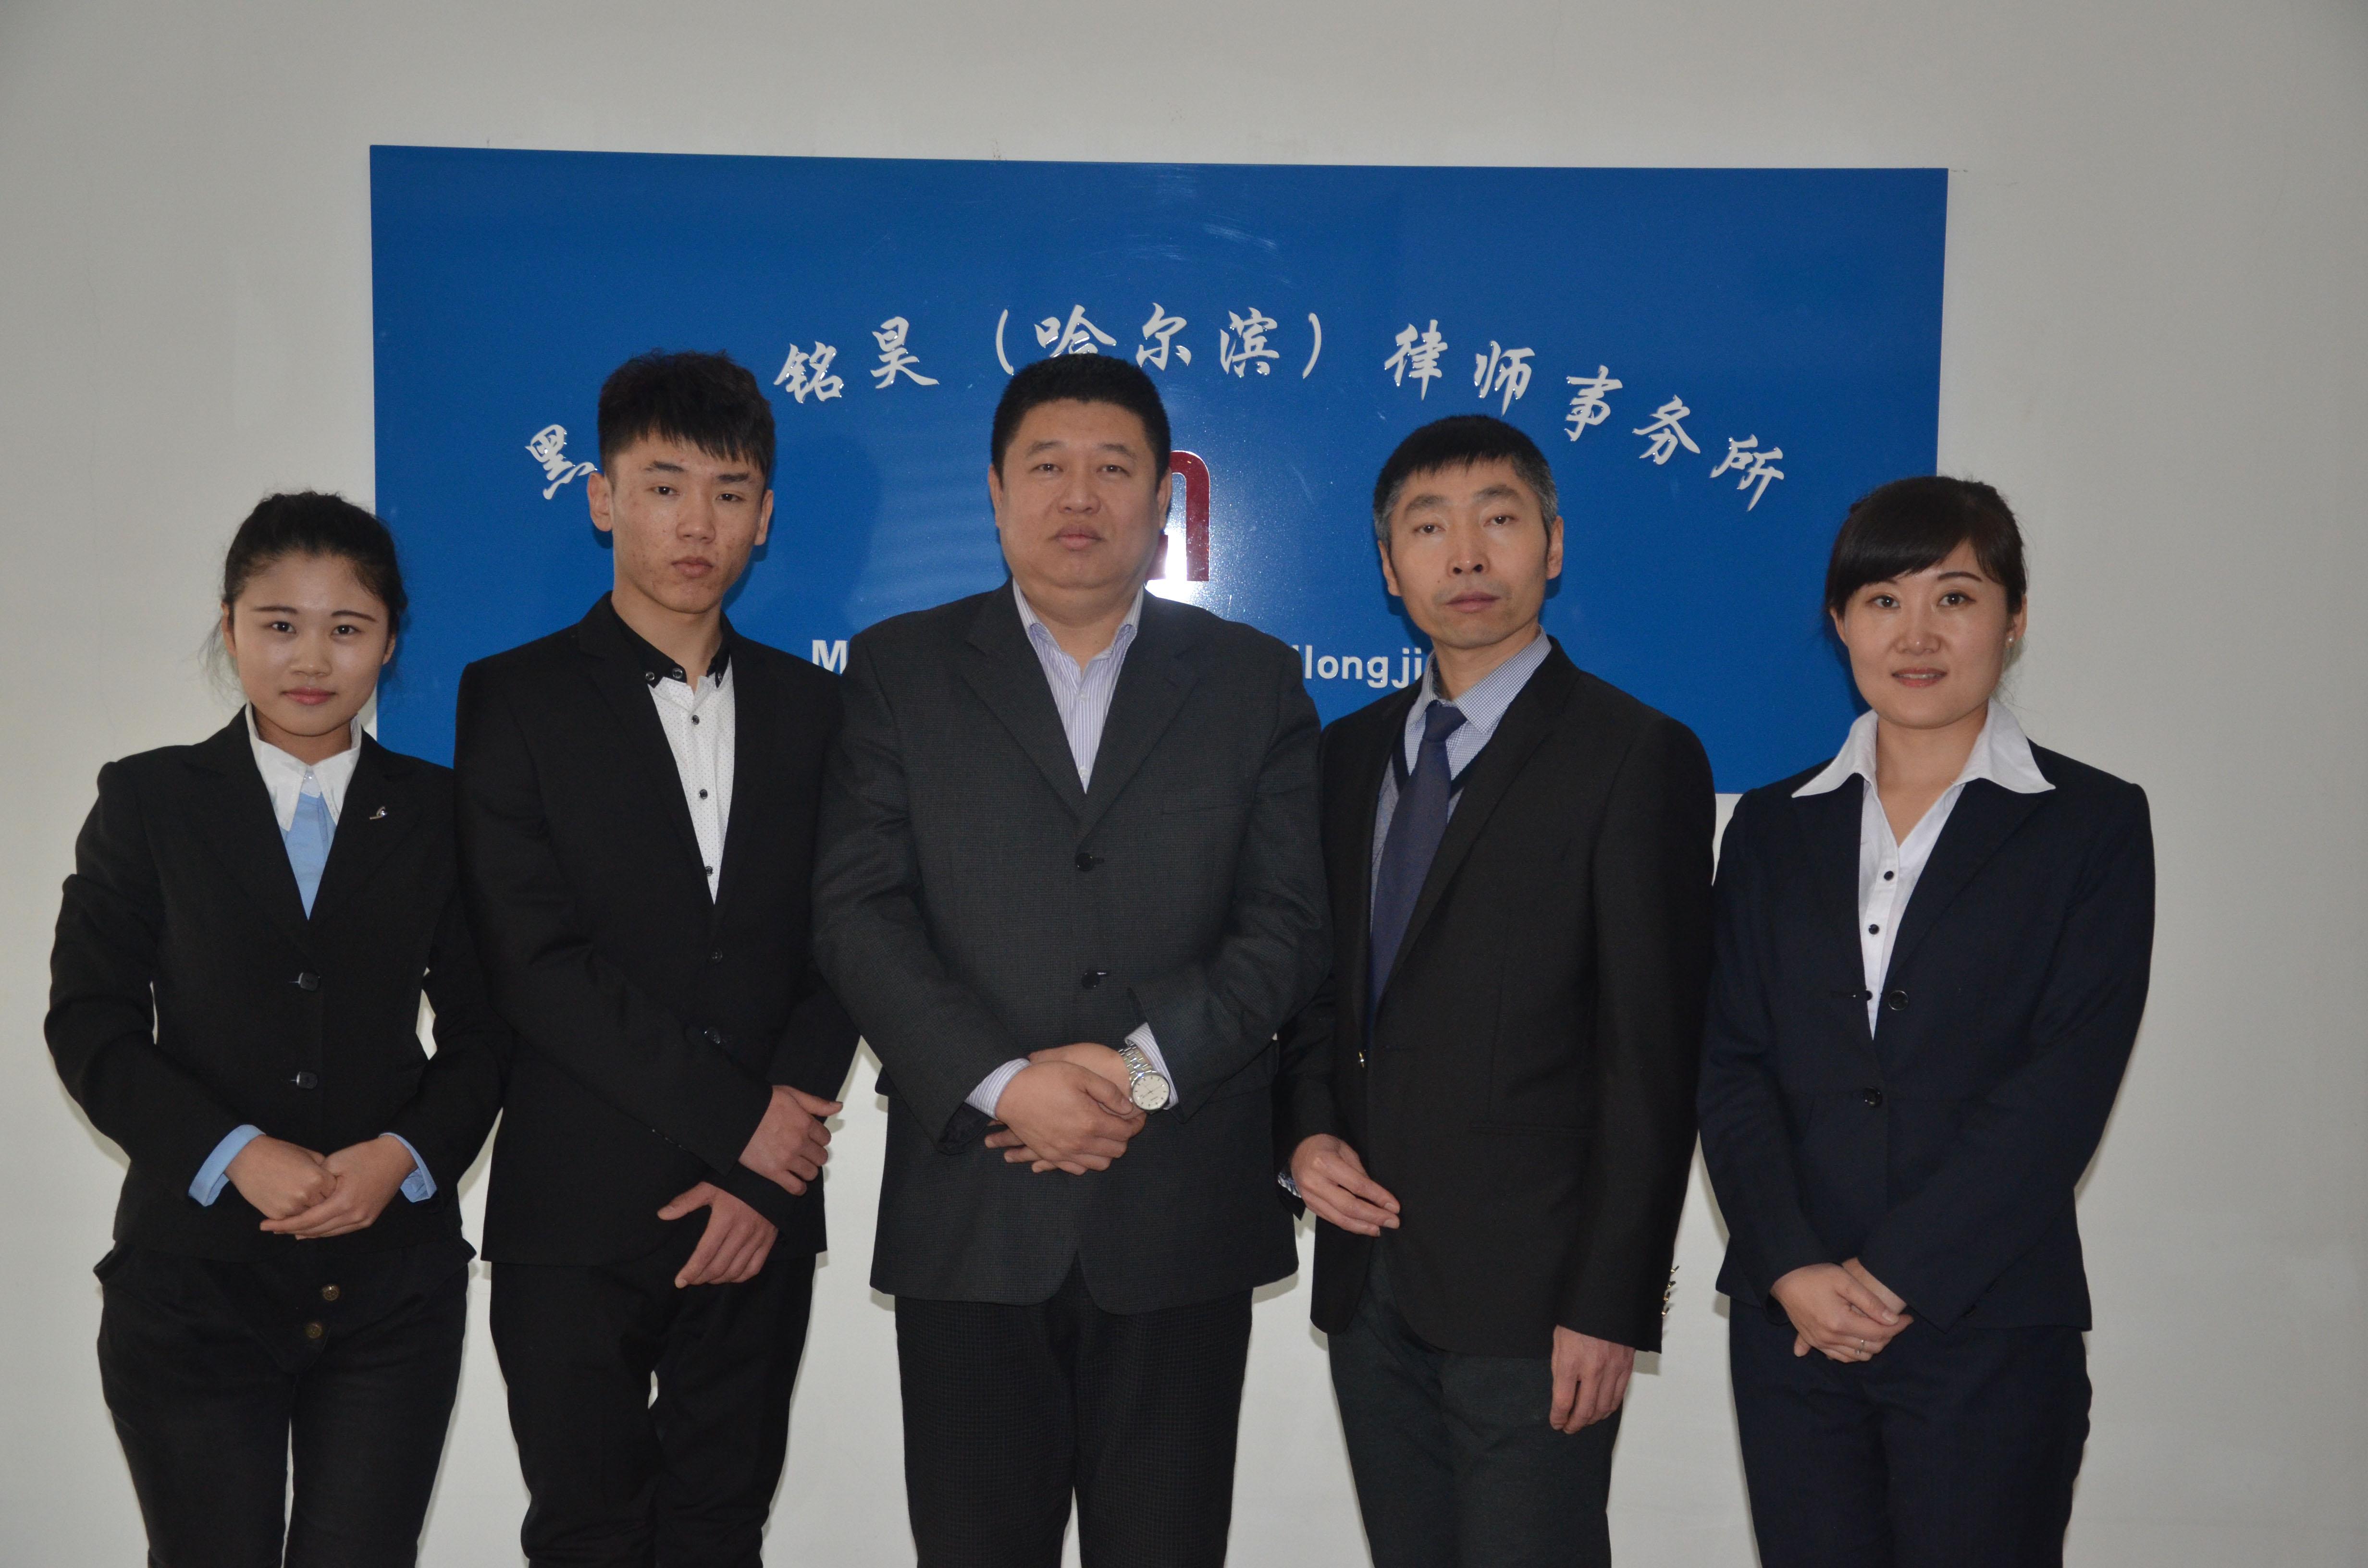 欢迎光临黑龙江黑河李洪良律师的网上法律咨询室.